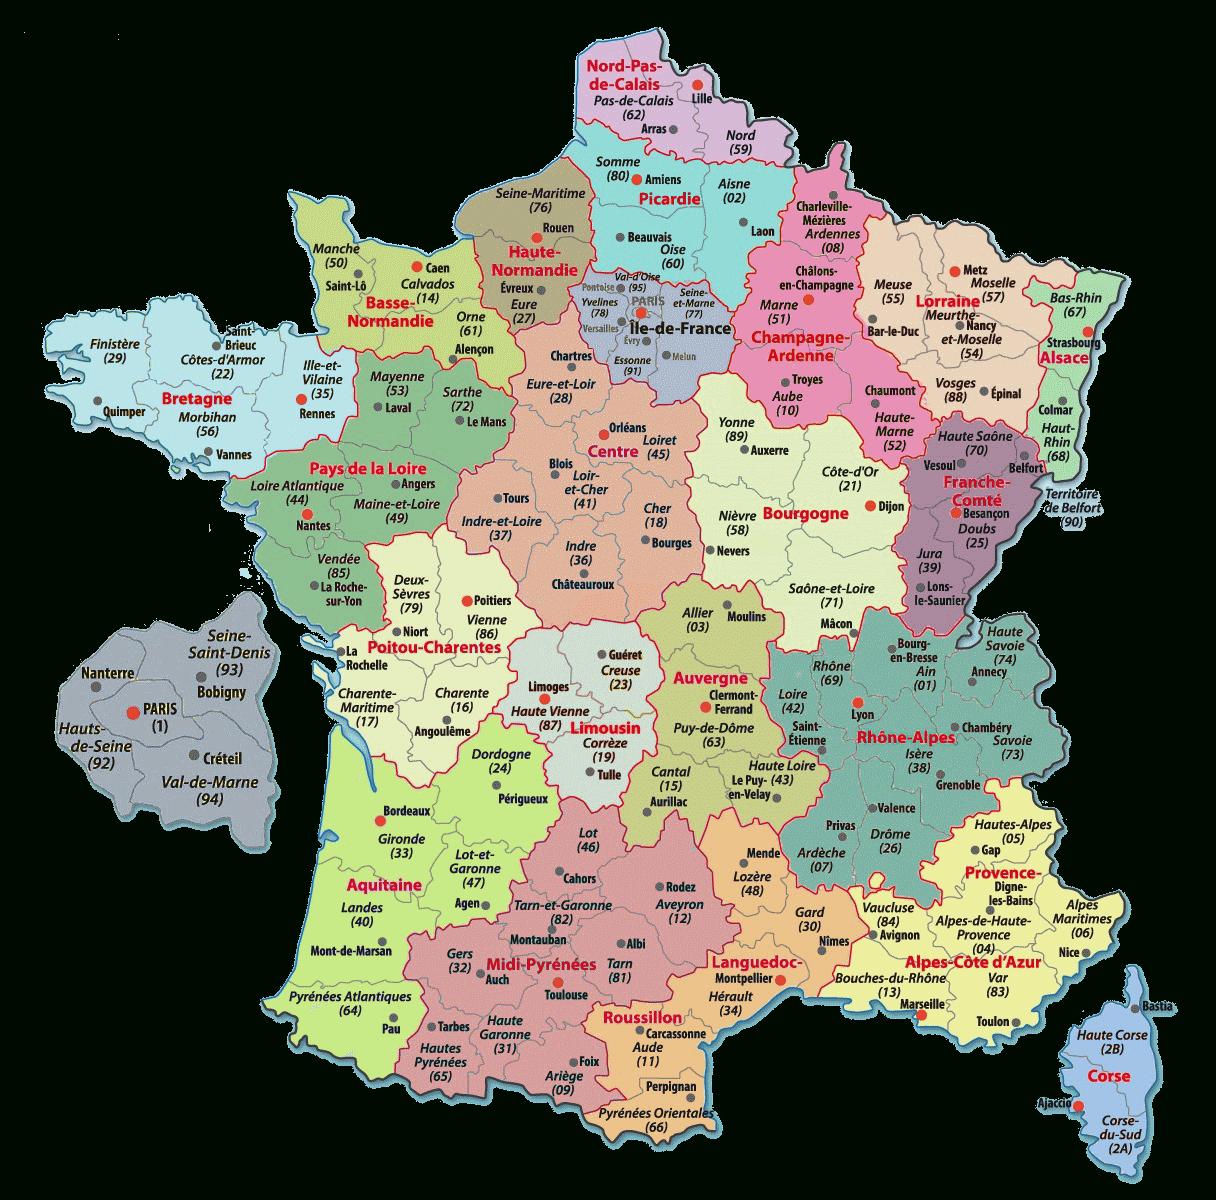 Carte De France Departements : Carte Des Départements De France tout Carte Des Régions De France À Imprimer Gratuitement